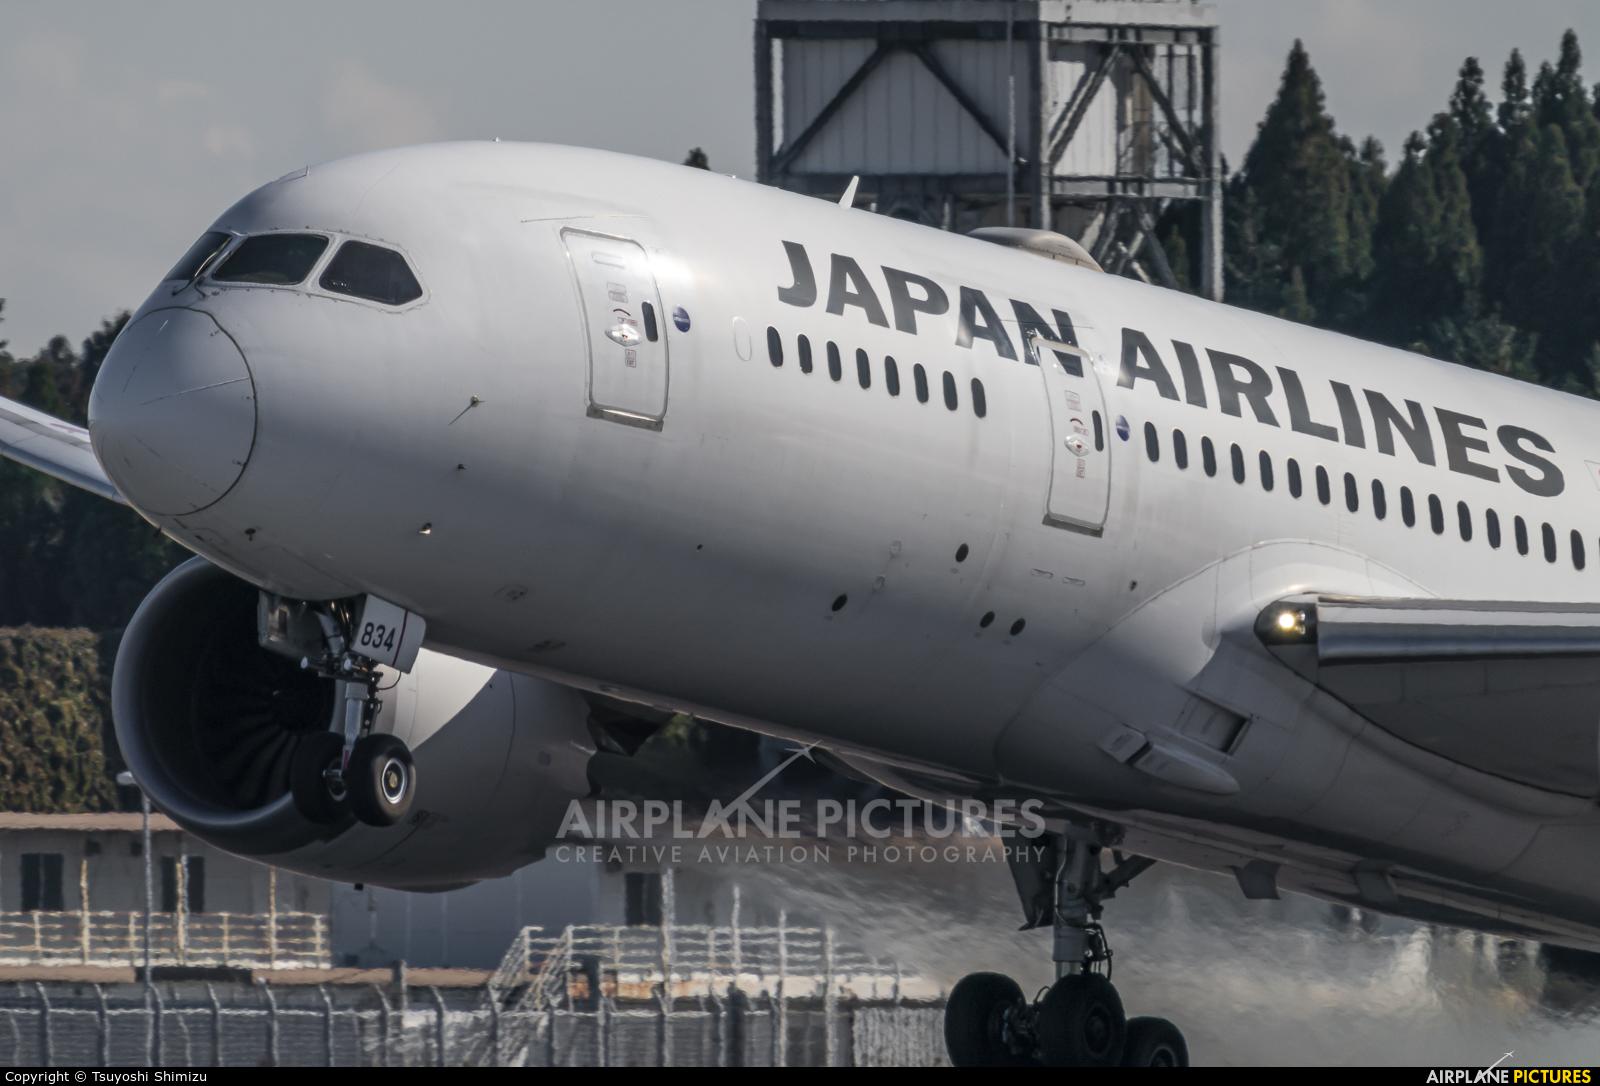 JAL - Japan Airlines JA834J aircraft at Tokyo - Narita Intl